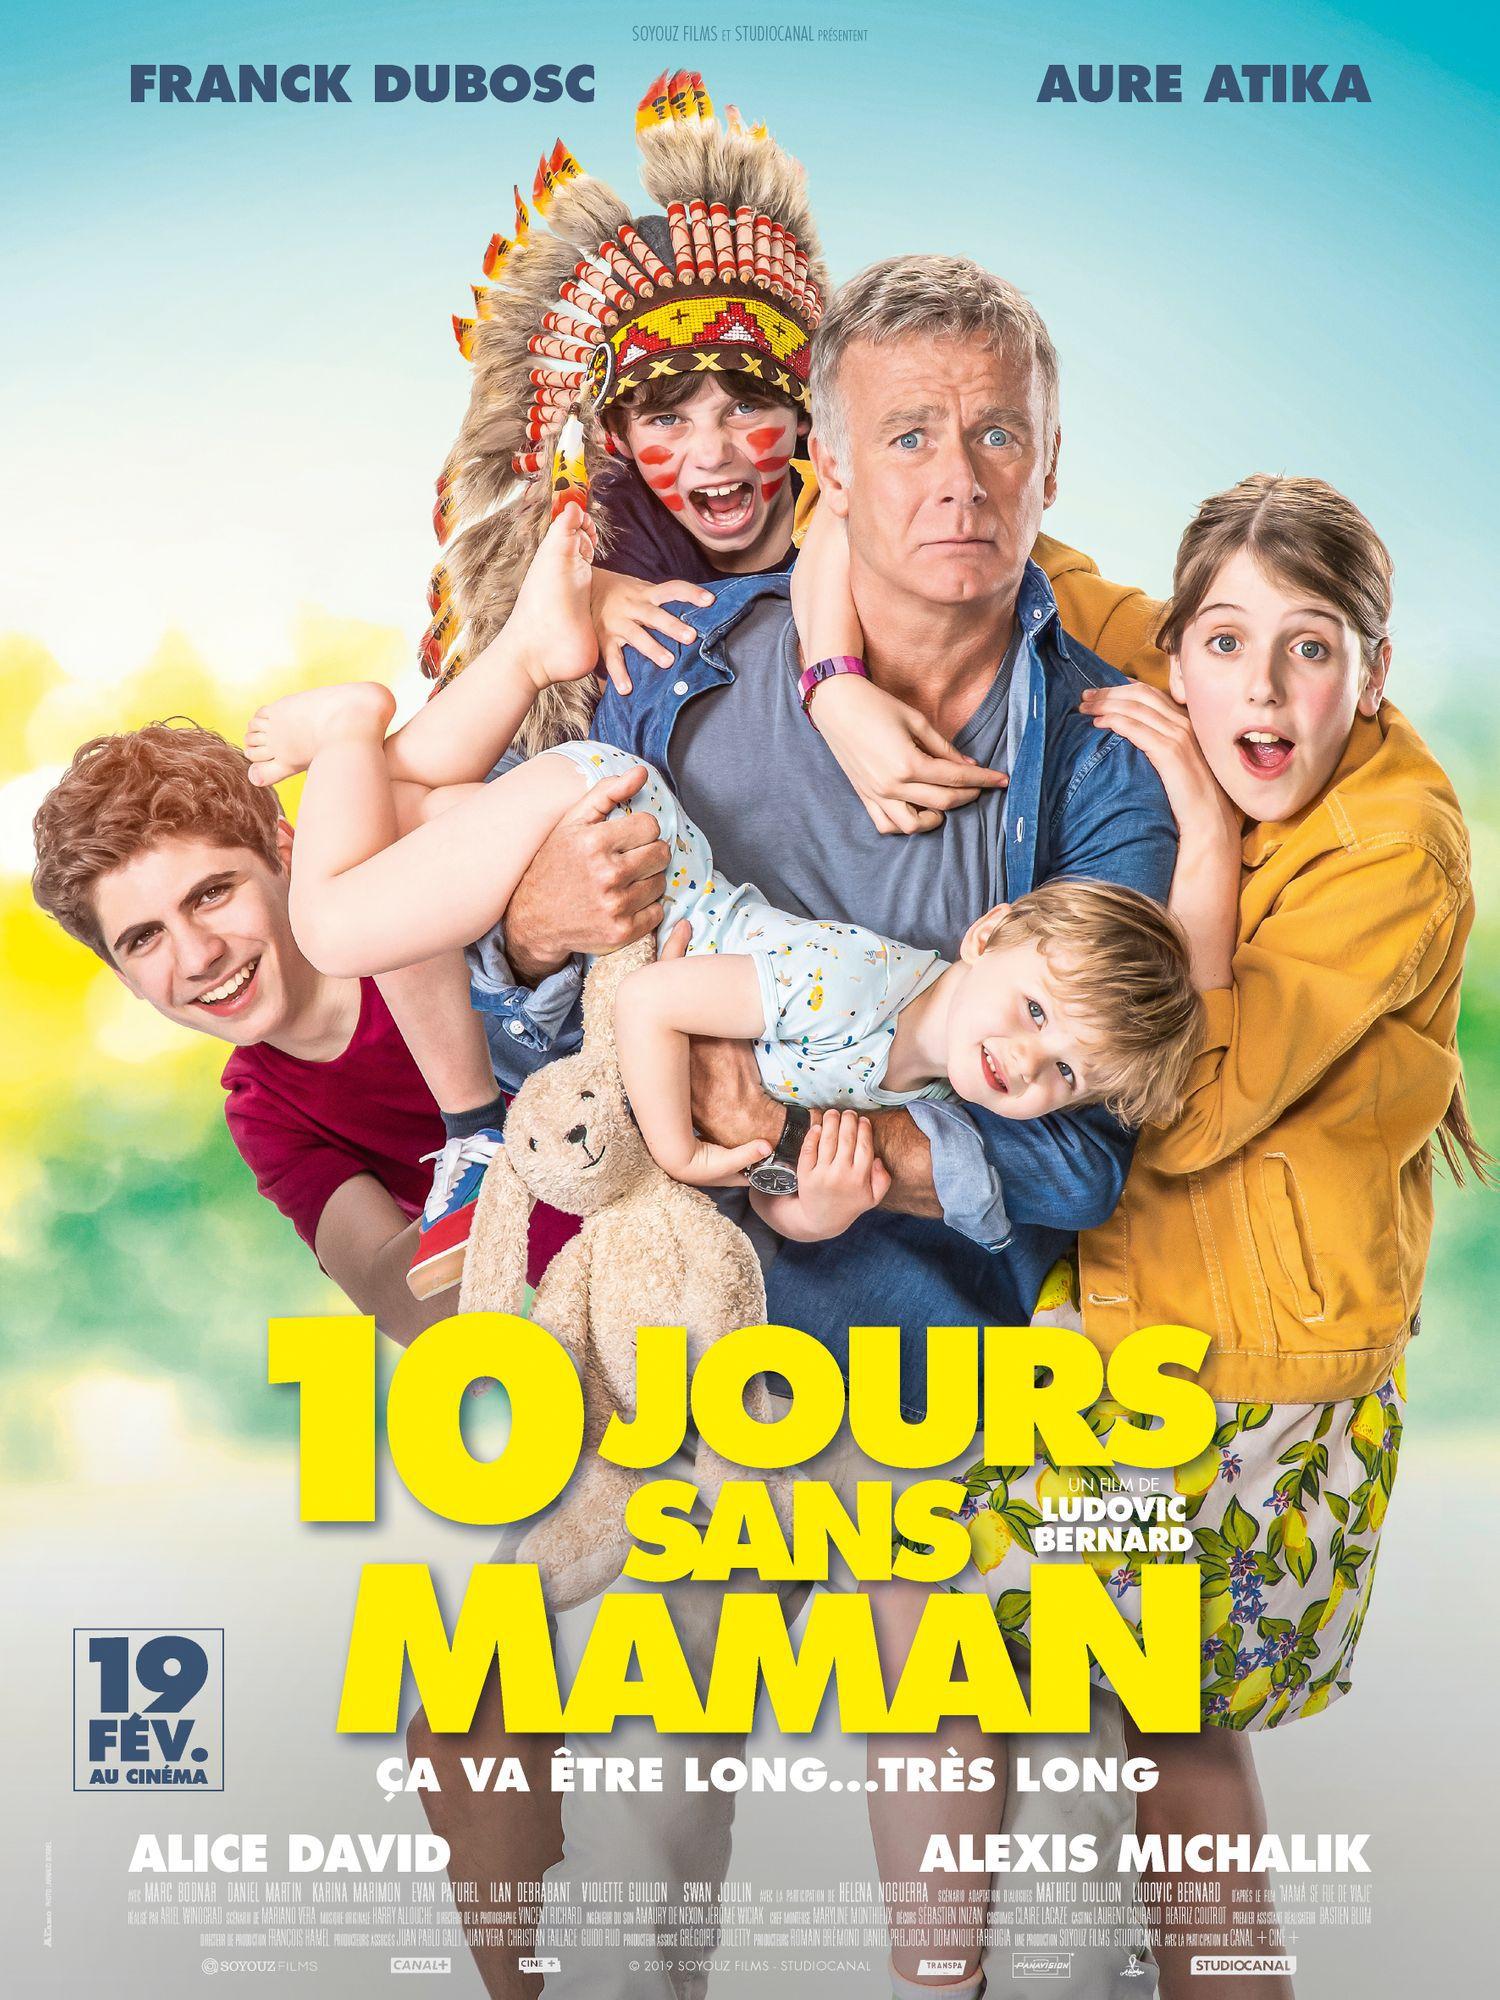 10 jours sans maman - Film (2020)